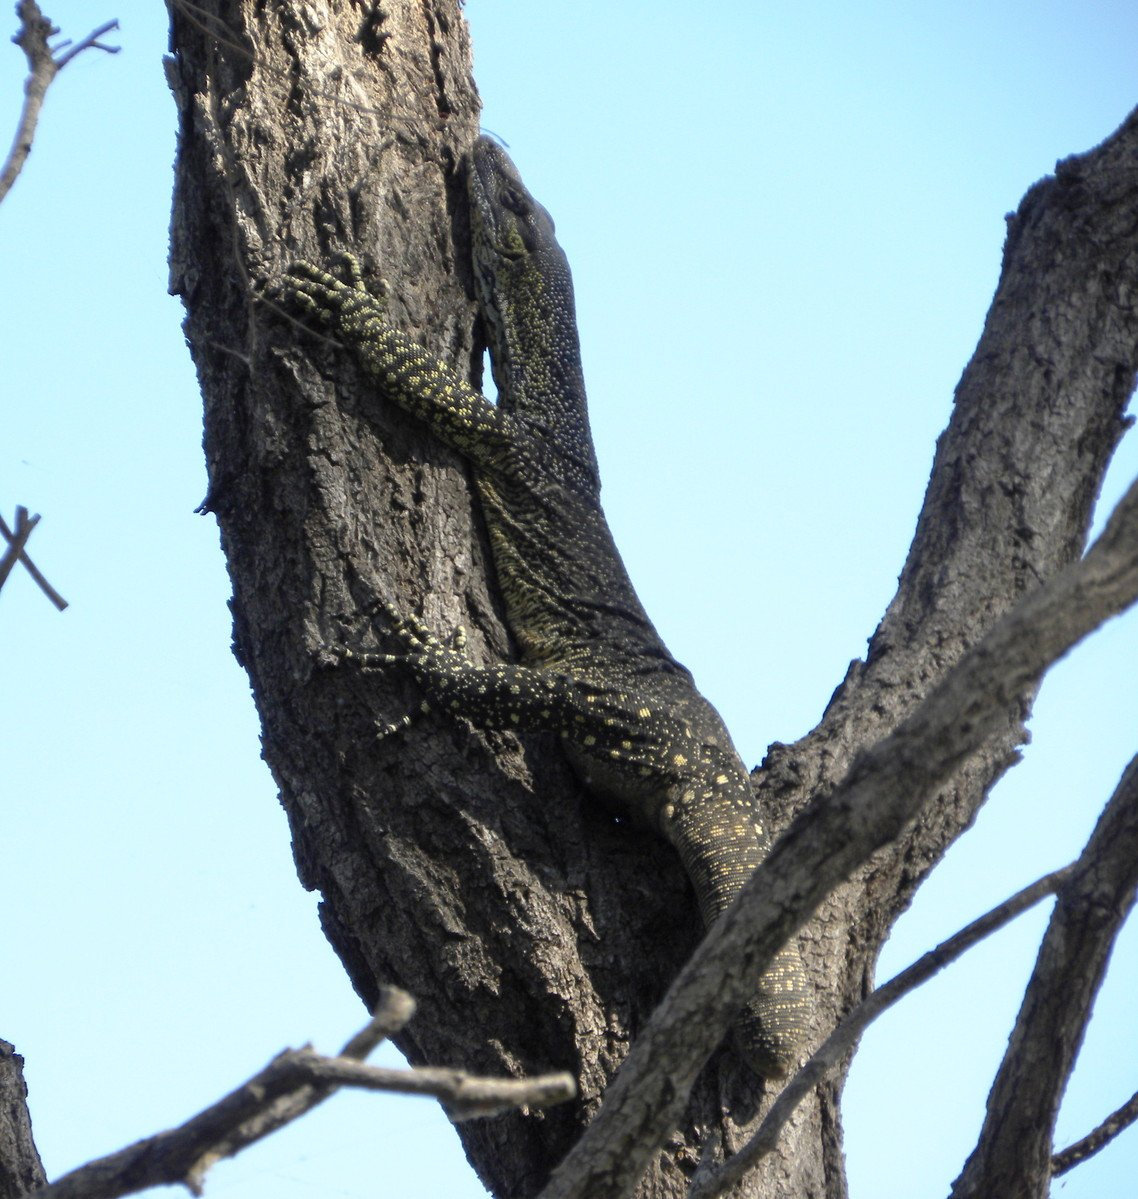 lace monitor goanna lizard